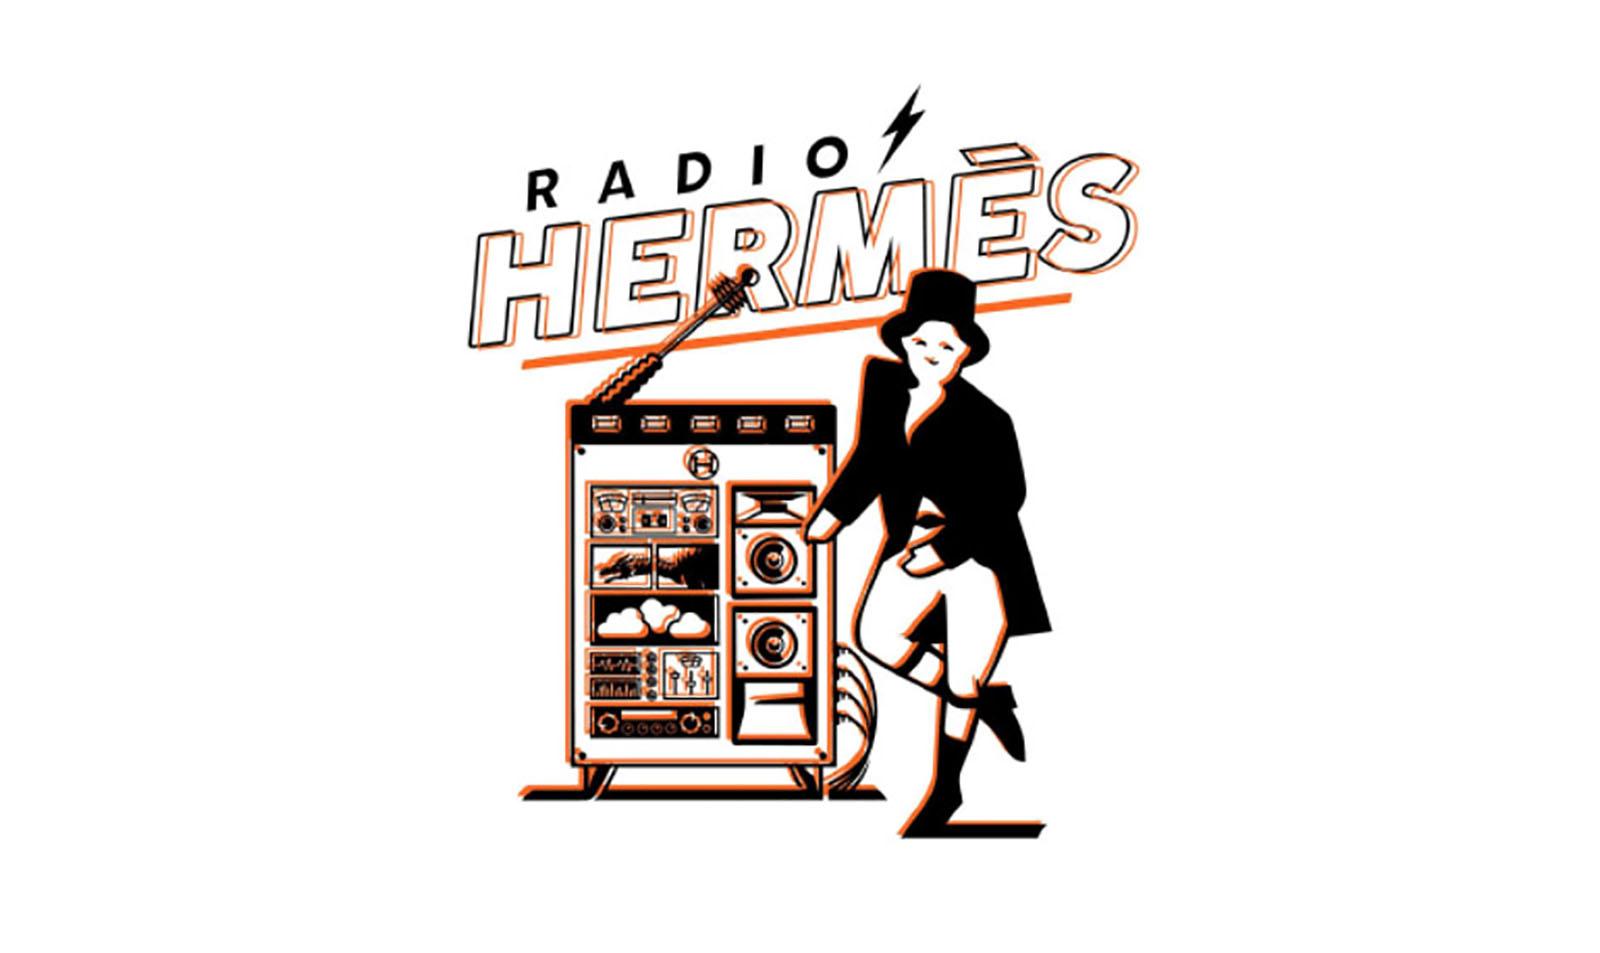 RADIO HERMÈS is back